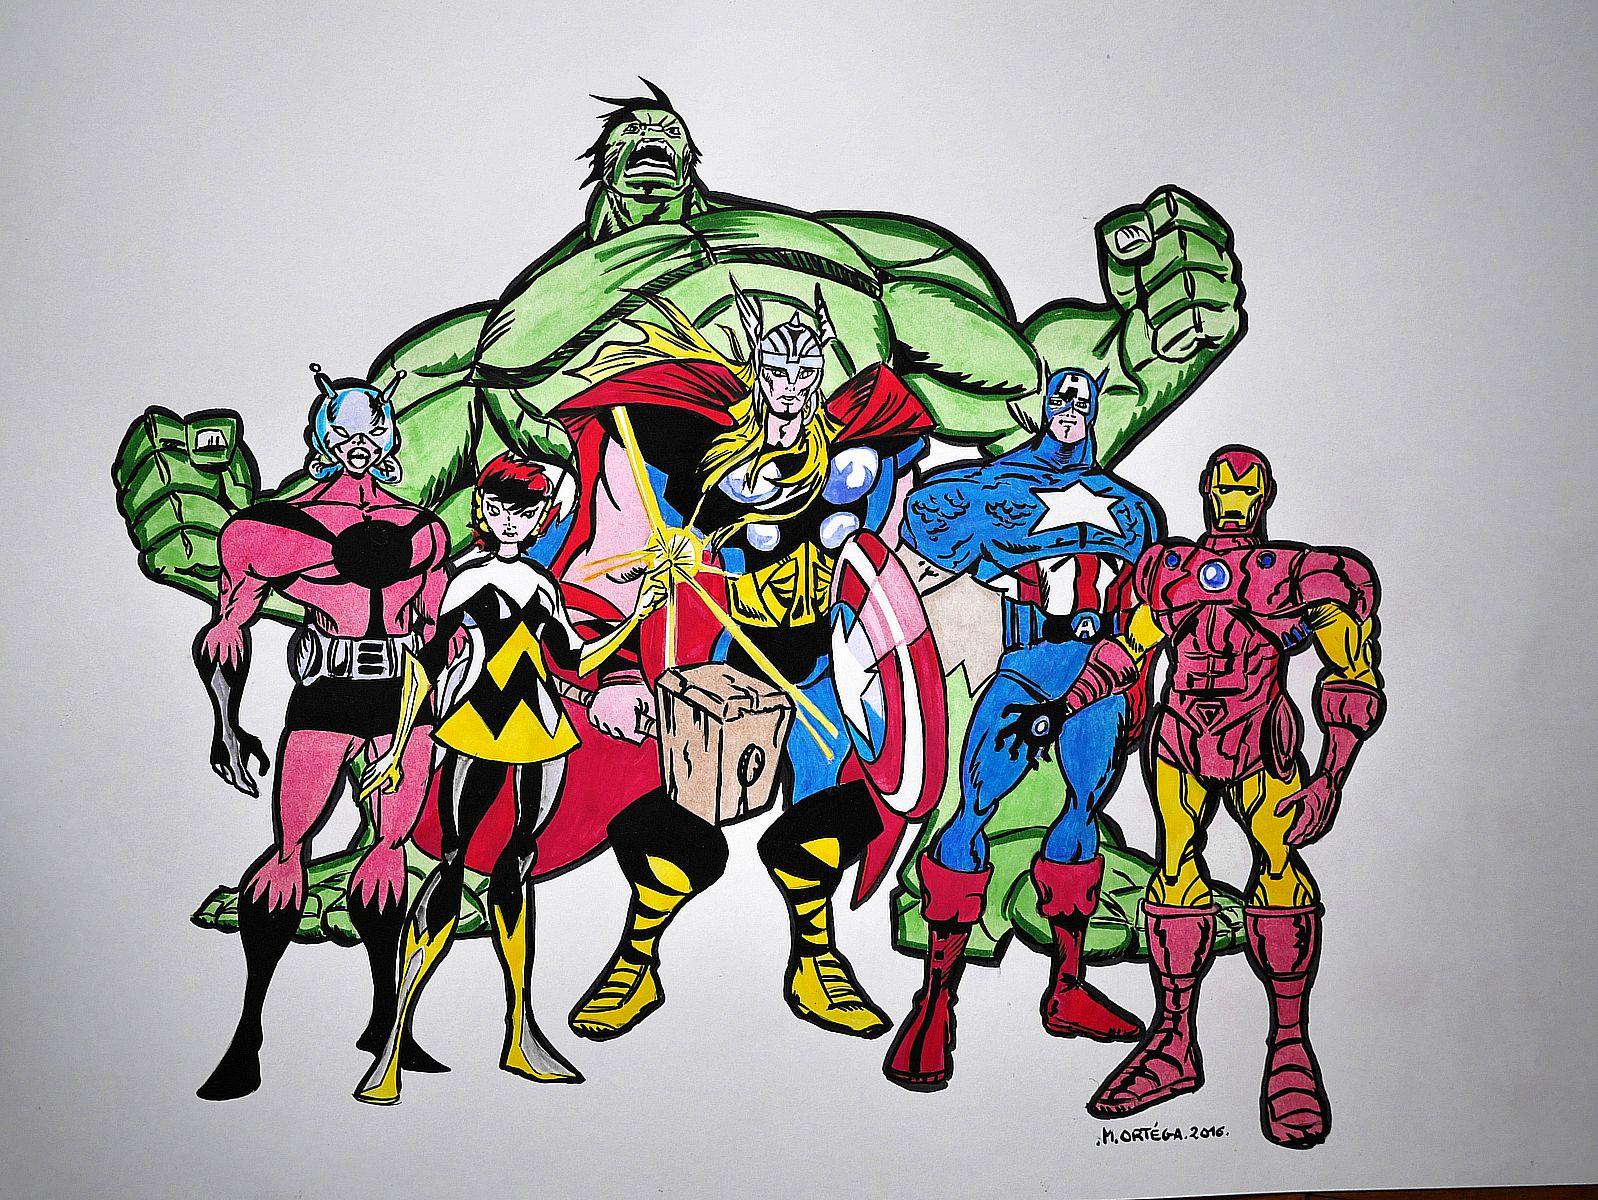 Avengers l equipe des super heros ortega mariano dessinateur penciler tarn - Image de super hero ...